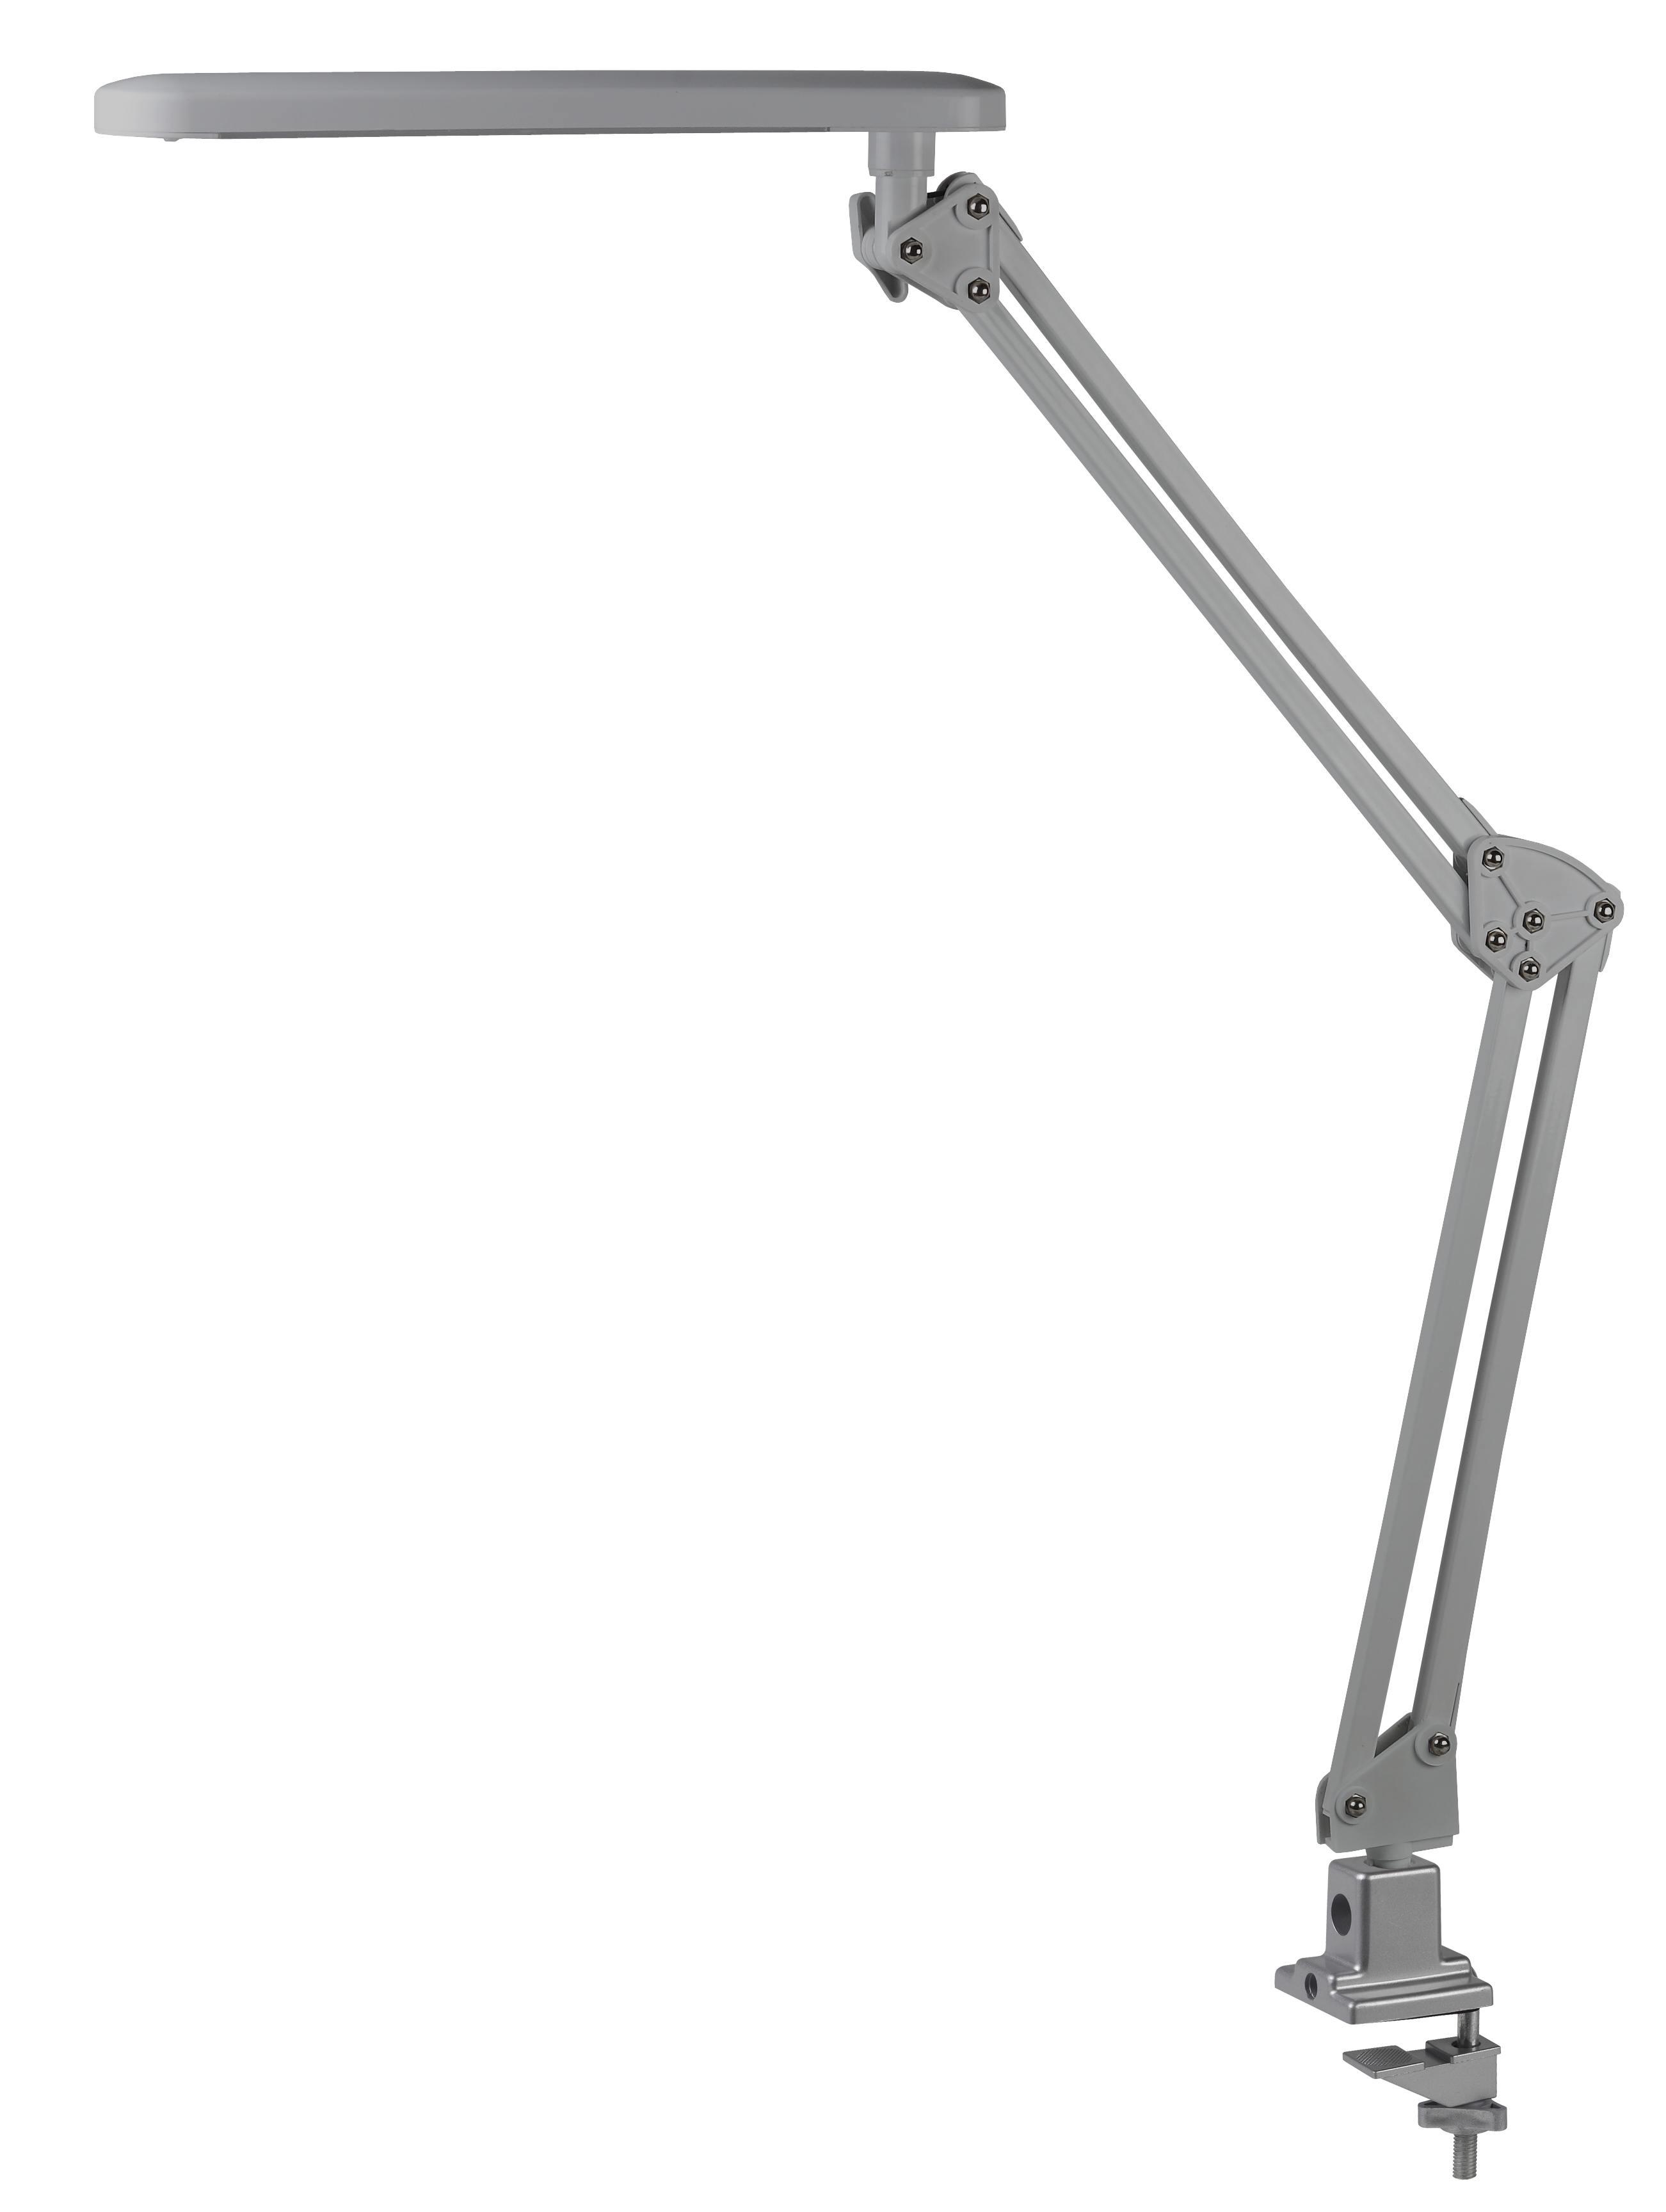 Лампа настольная ЭРА Nled-441-7w-s лампа настольная эра nled 441 7w bk